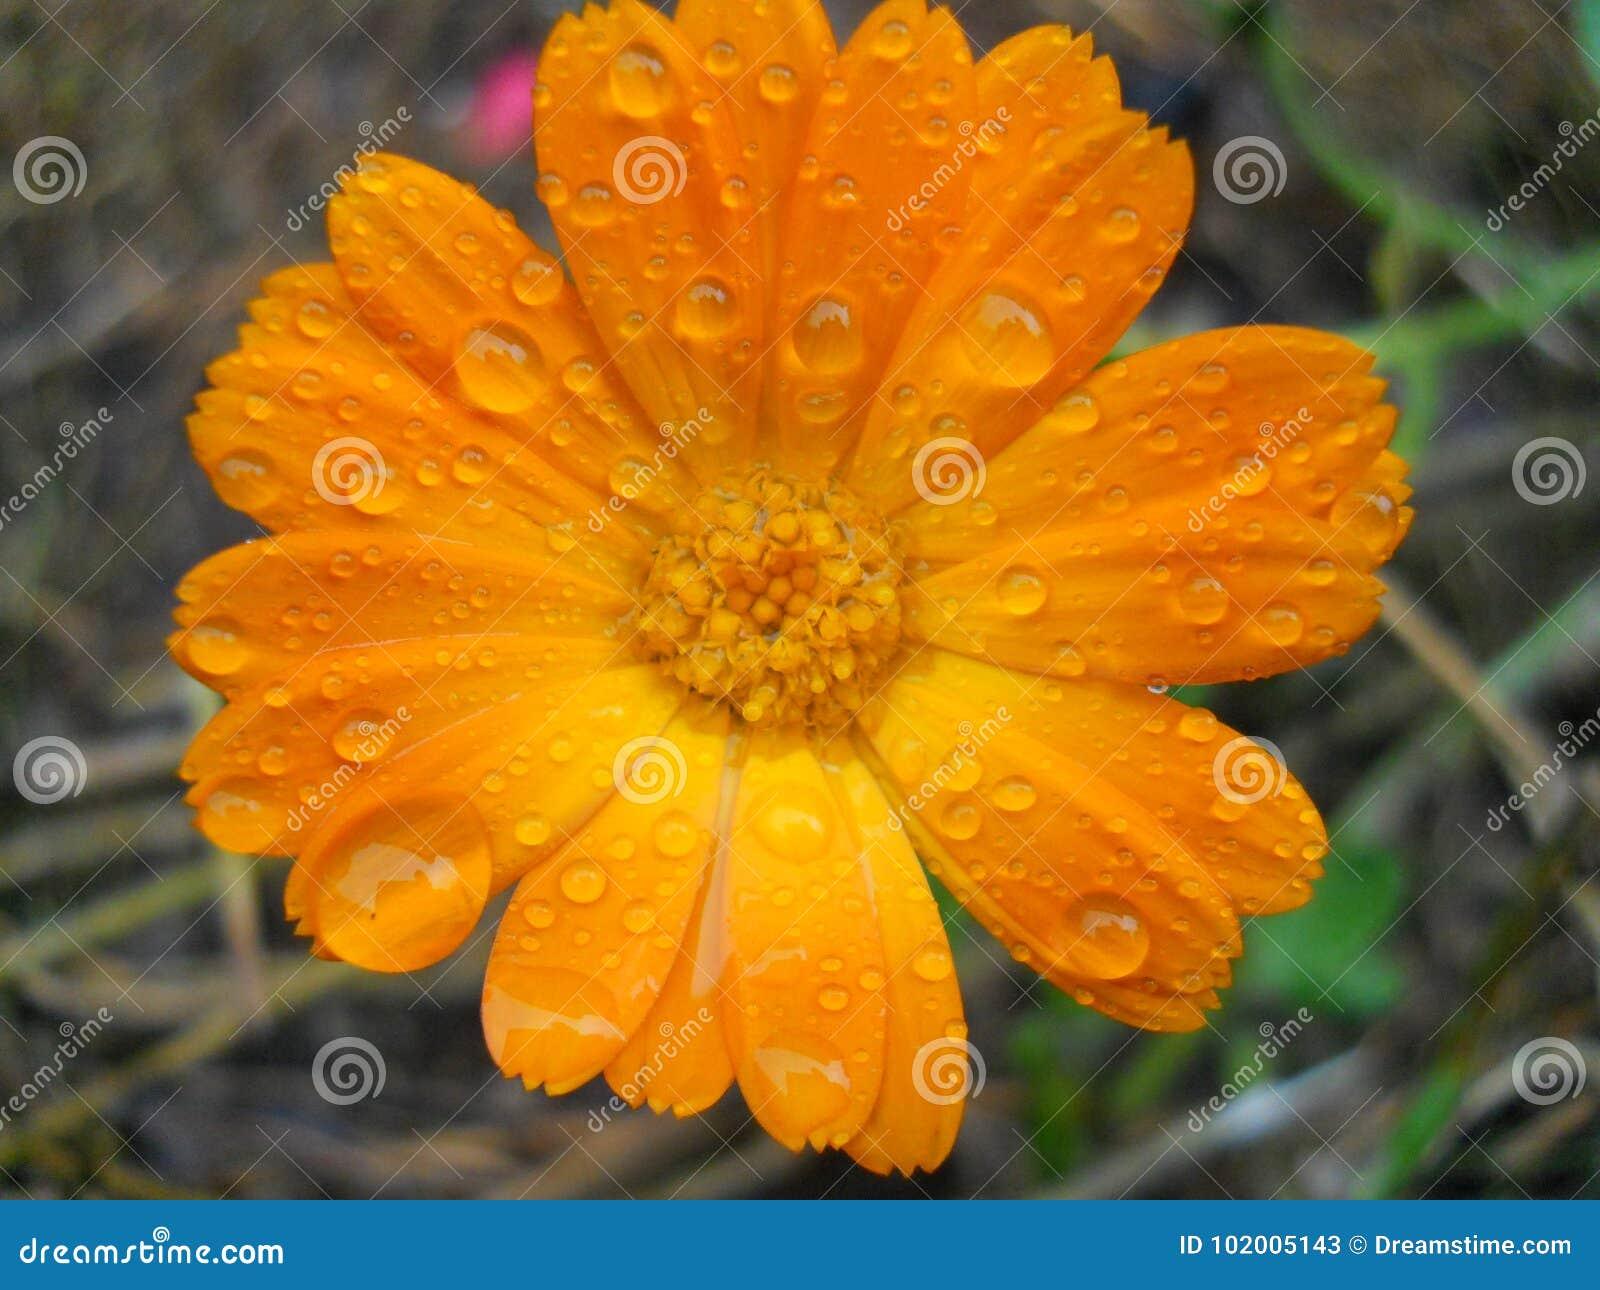 Calendula. Useful properties of yellow flowers 59